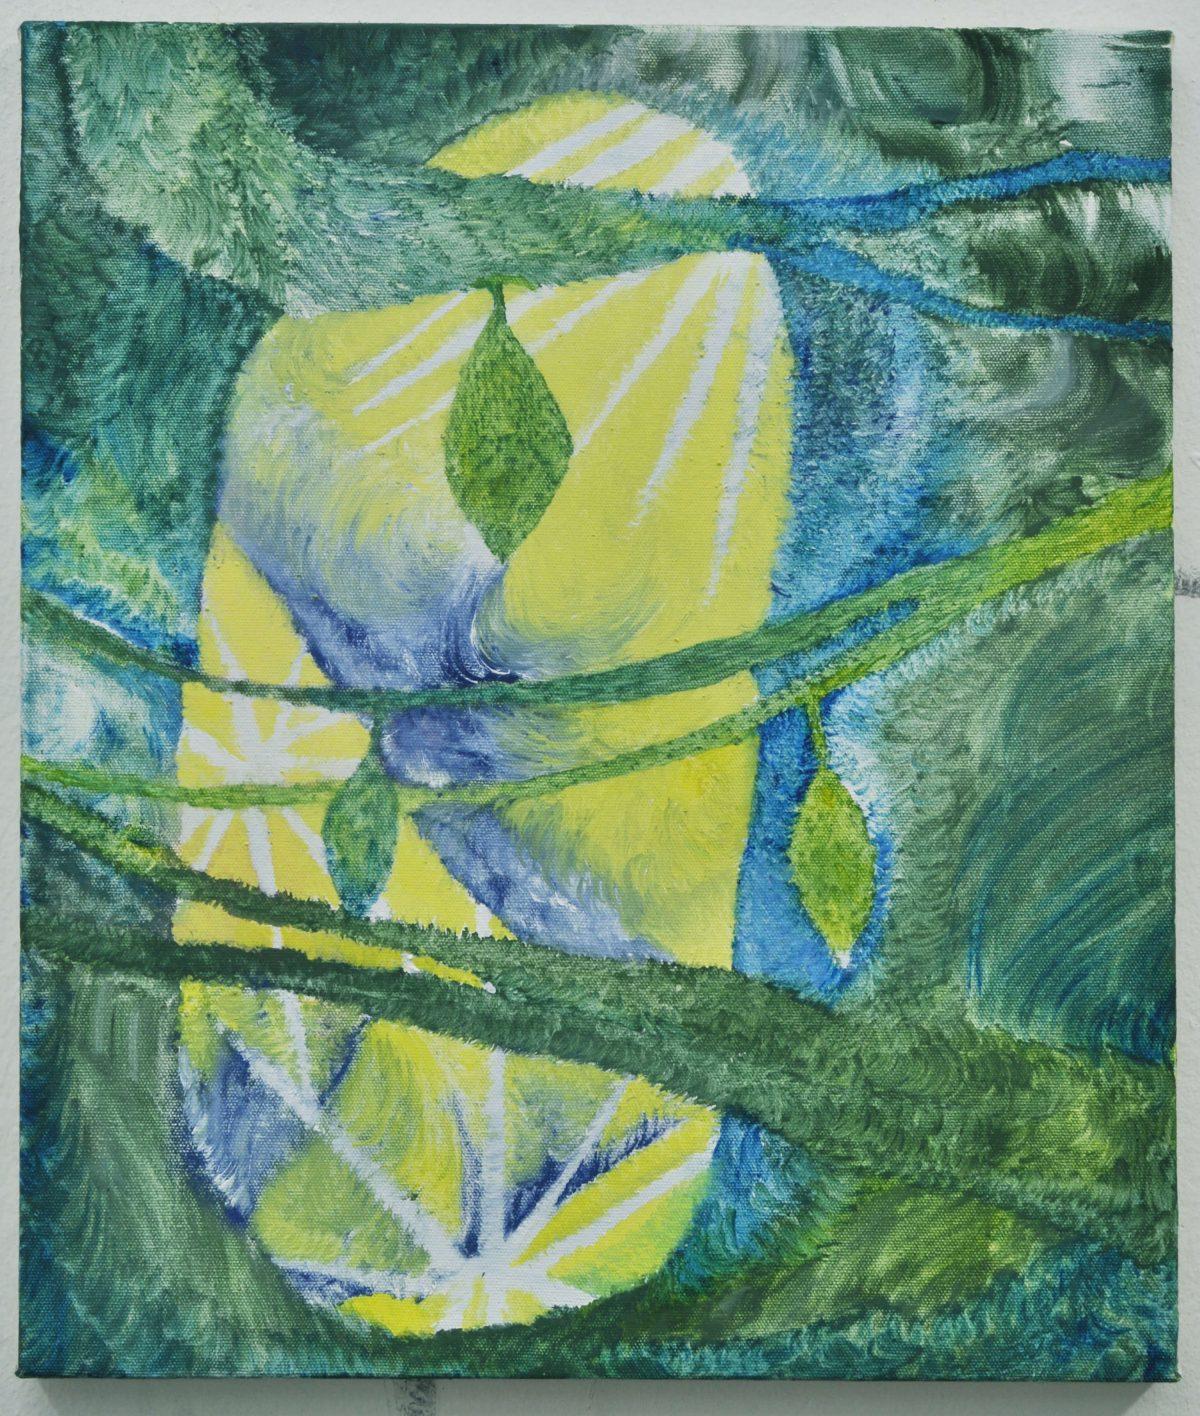 《Window》2010,55x47cm,綿布に油彩